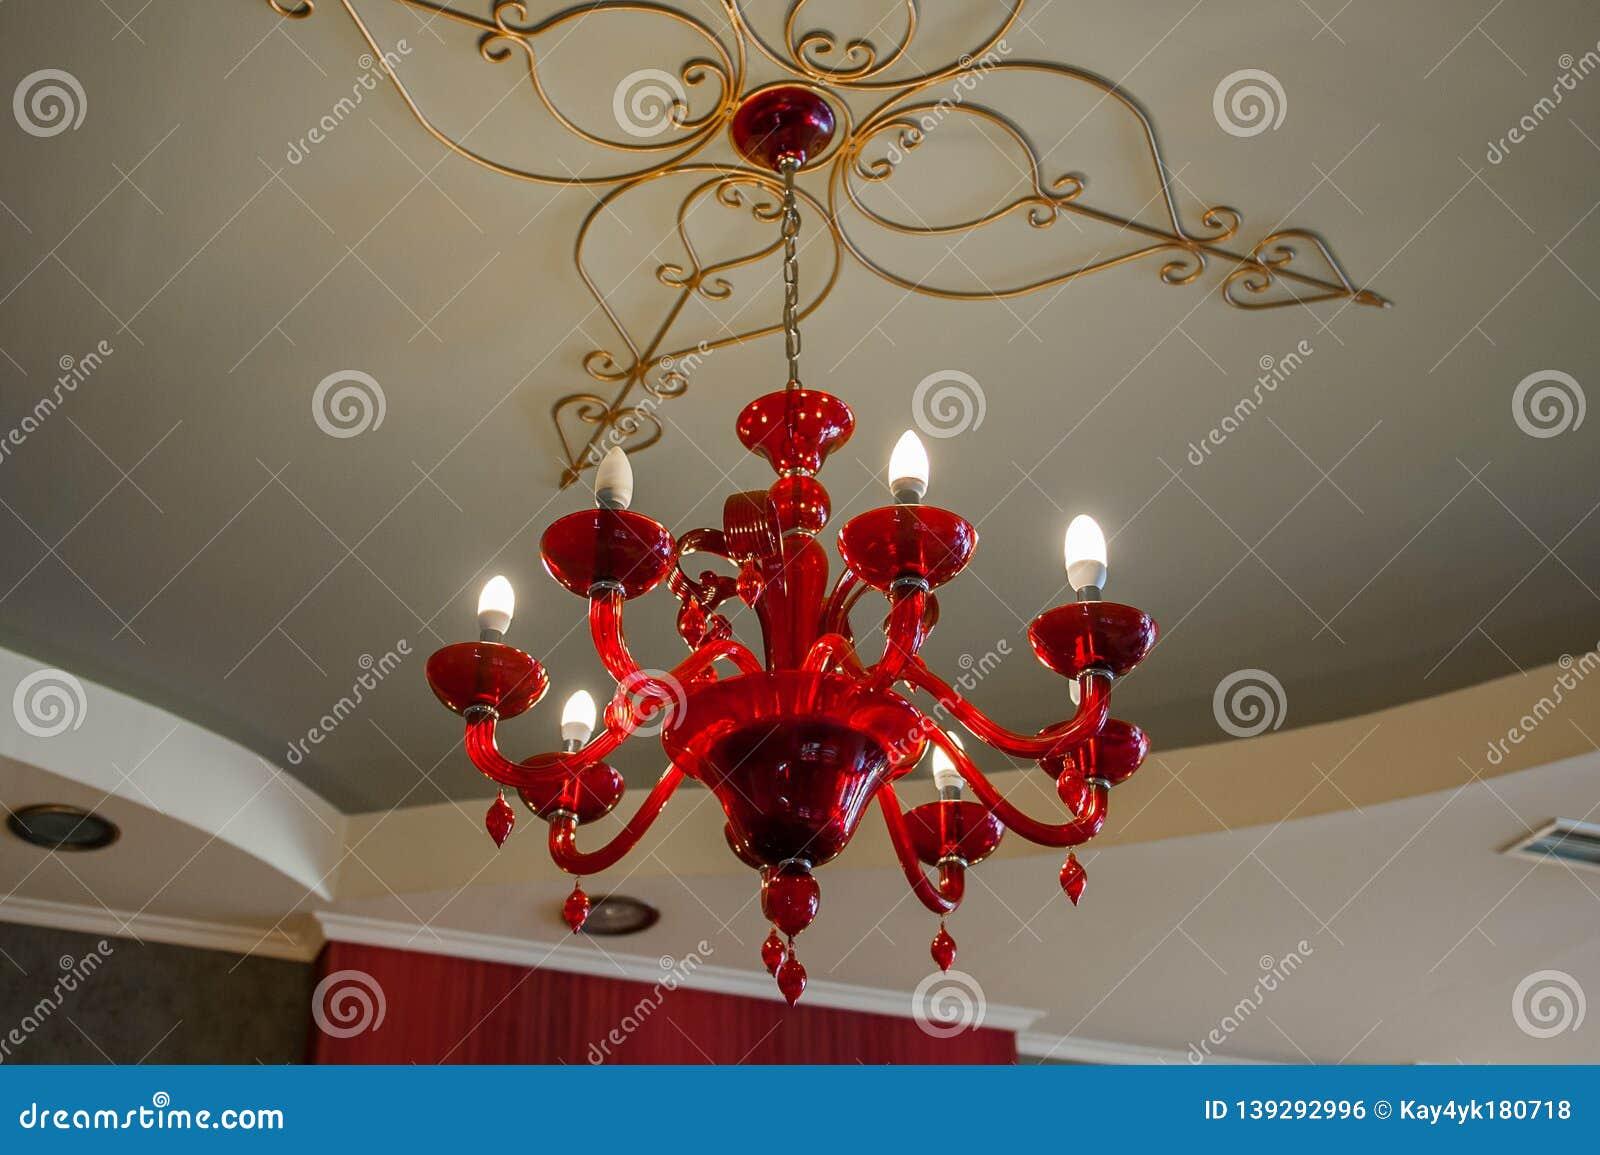 Czerwony świecznik na wzorzystym suficie w ciemnym pokoju, rozjarzone żarówki na nim